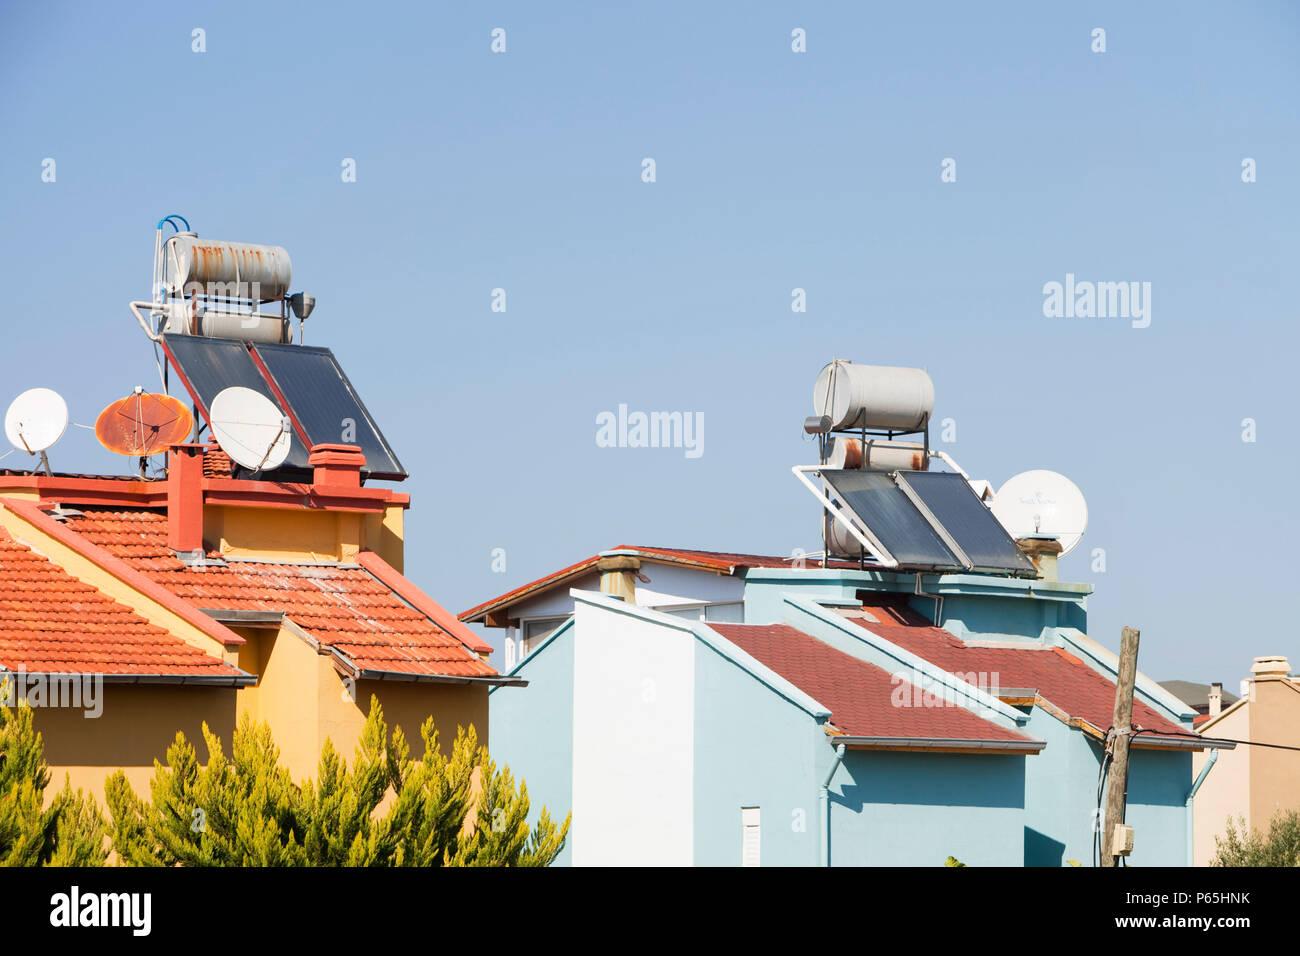 Caloriferi di acqua solari sui tetti delle case in Teos, Turchia. Immagini Stock